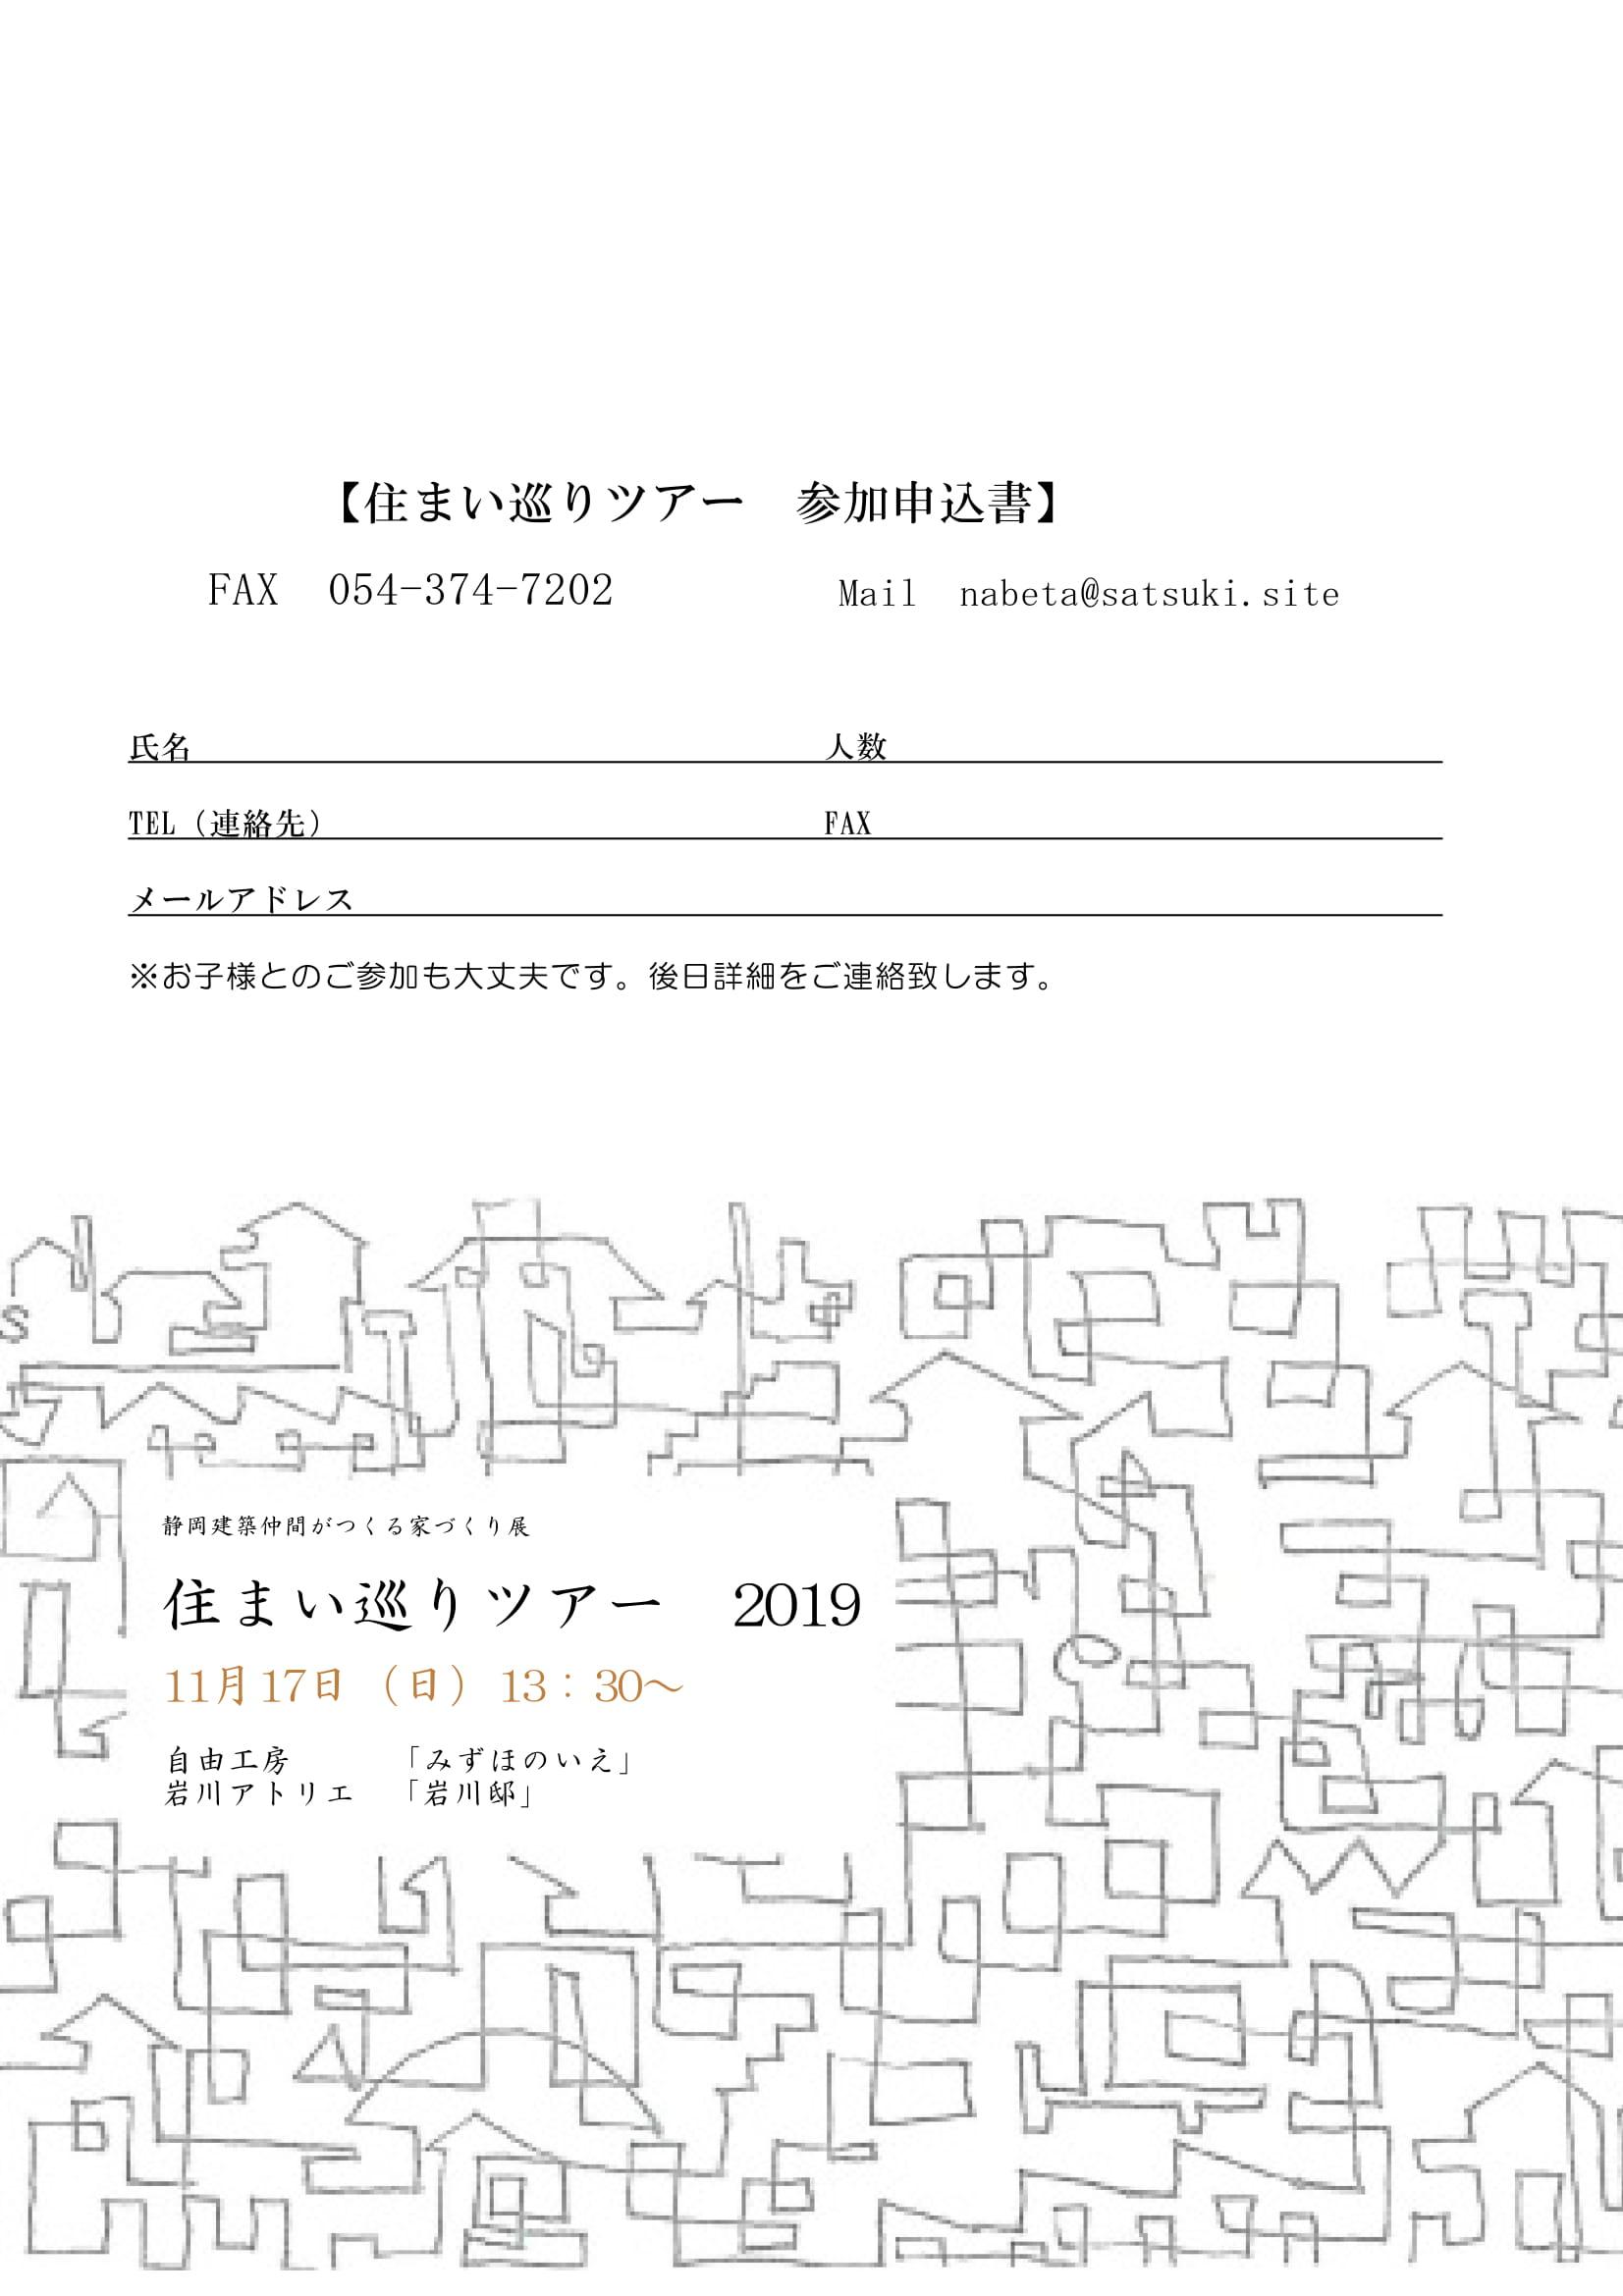 【催し】住まい巡りは17日(日)_e0102445_1637756.jpg